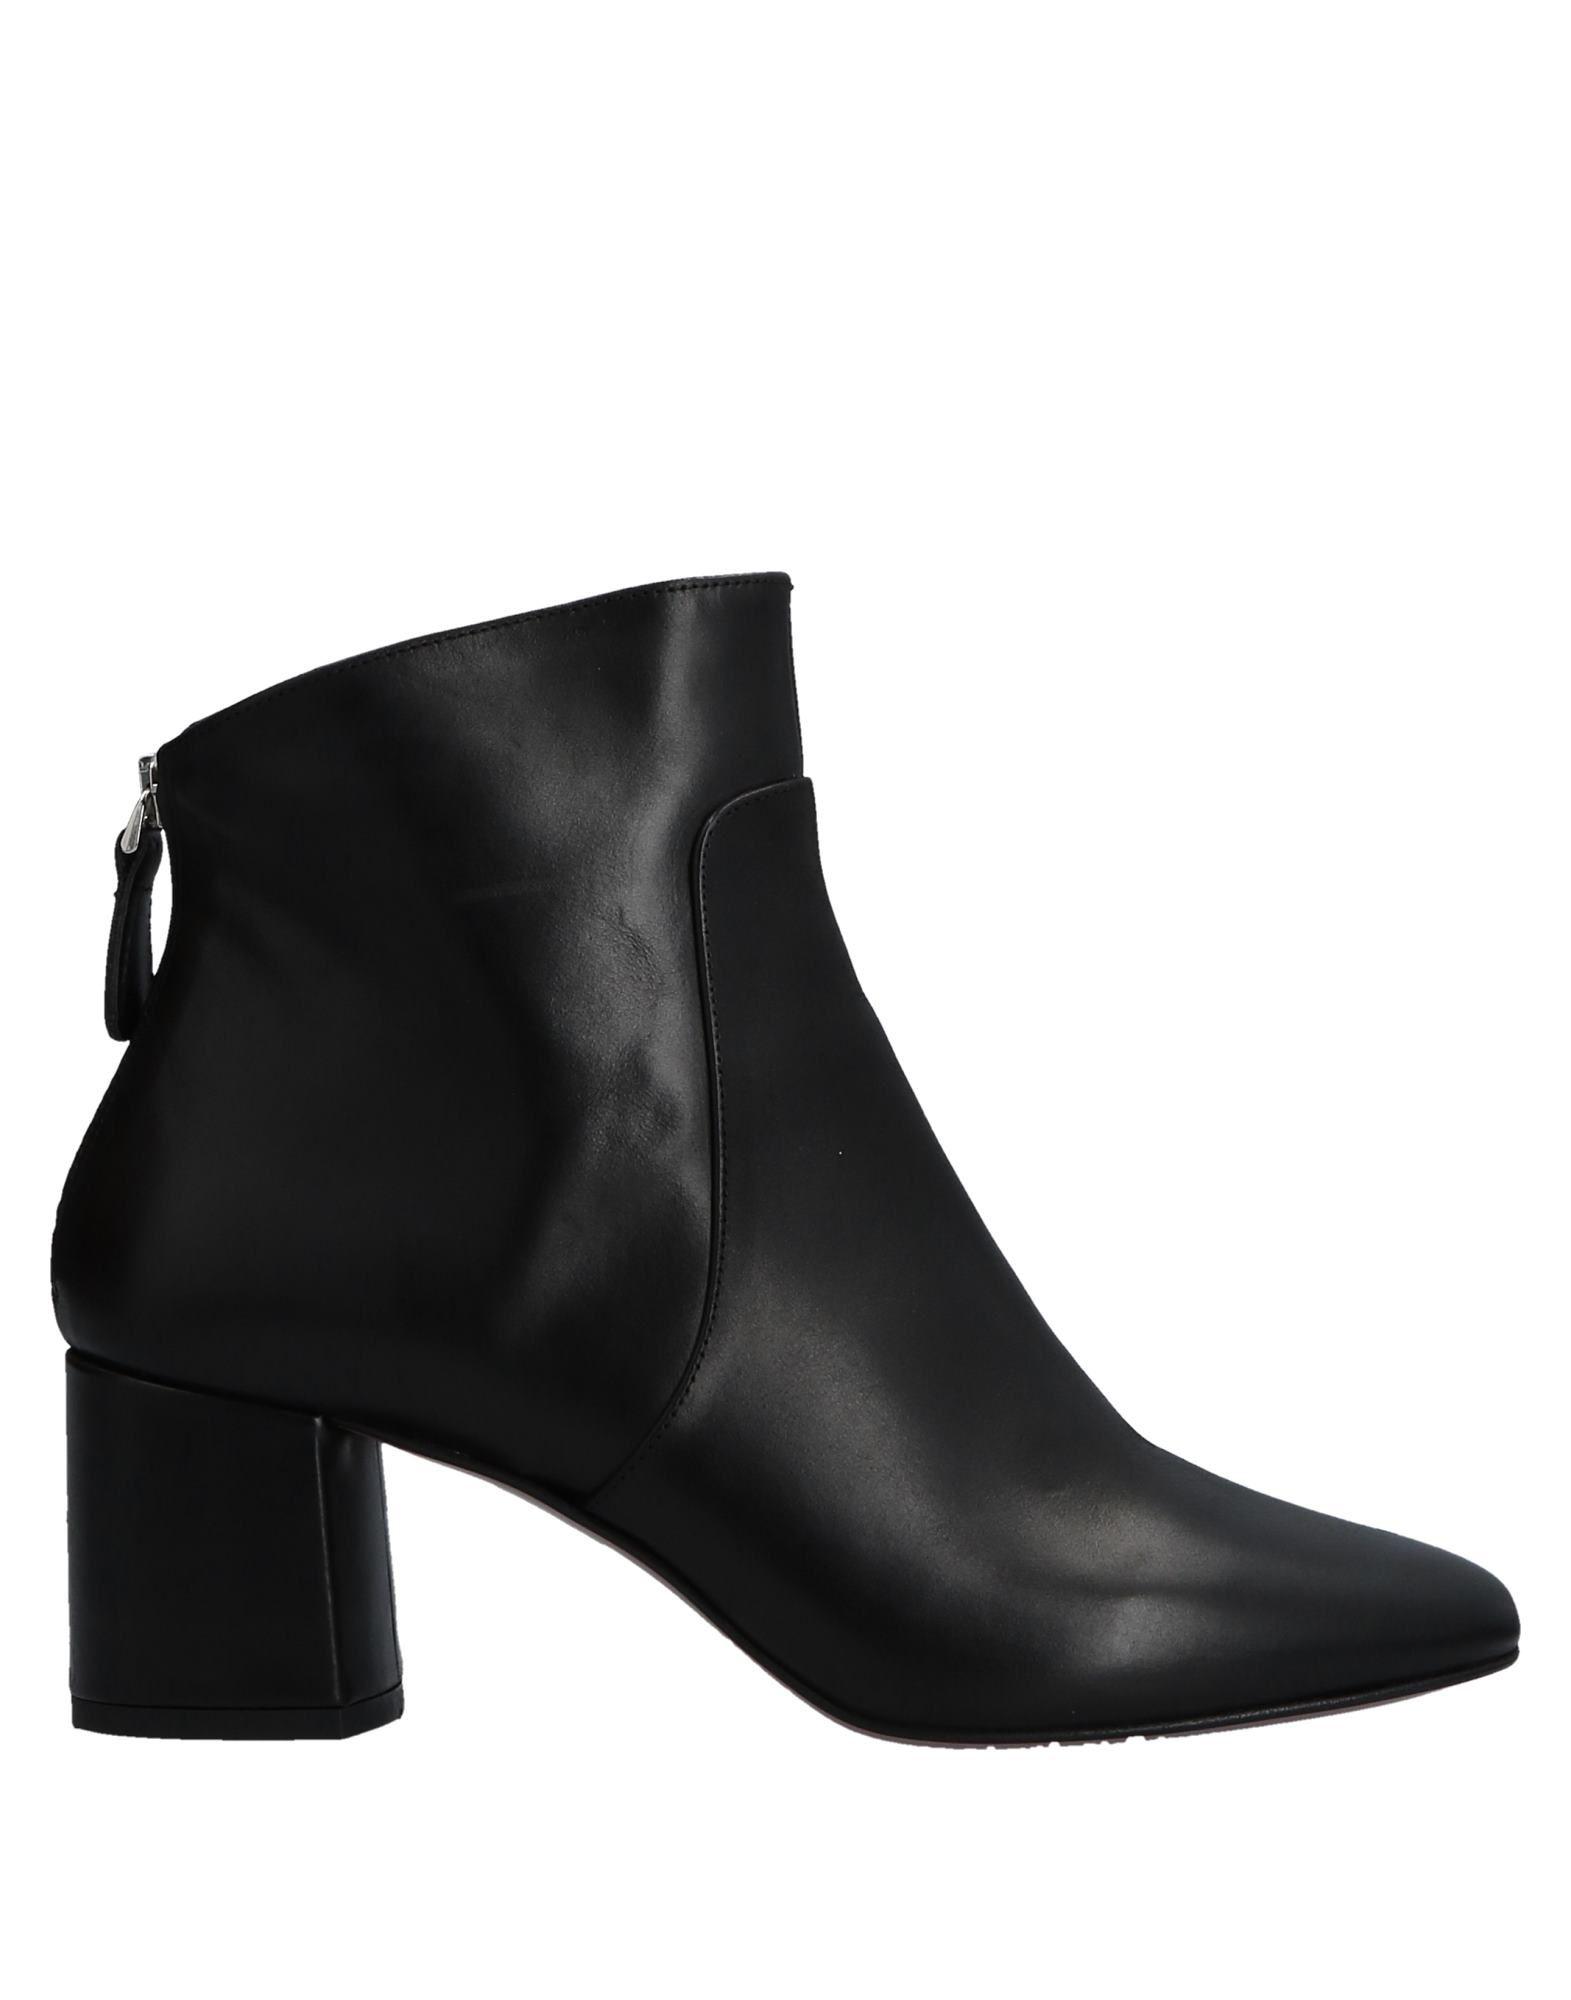 Albano Stiefelette Damen  11532969LC Gute Qualität beliebte Schuhe